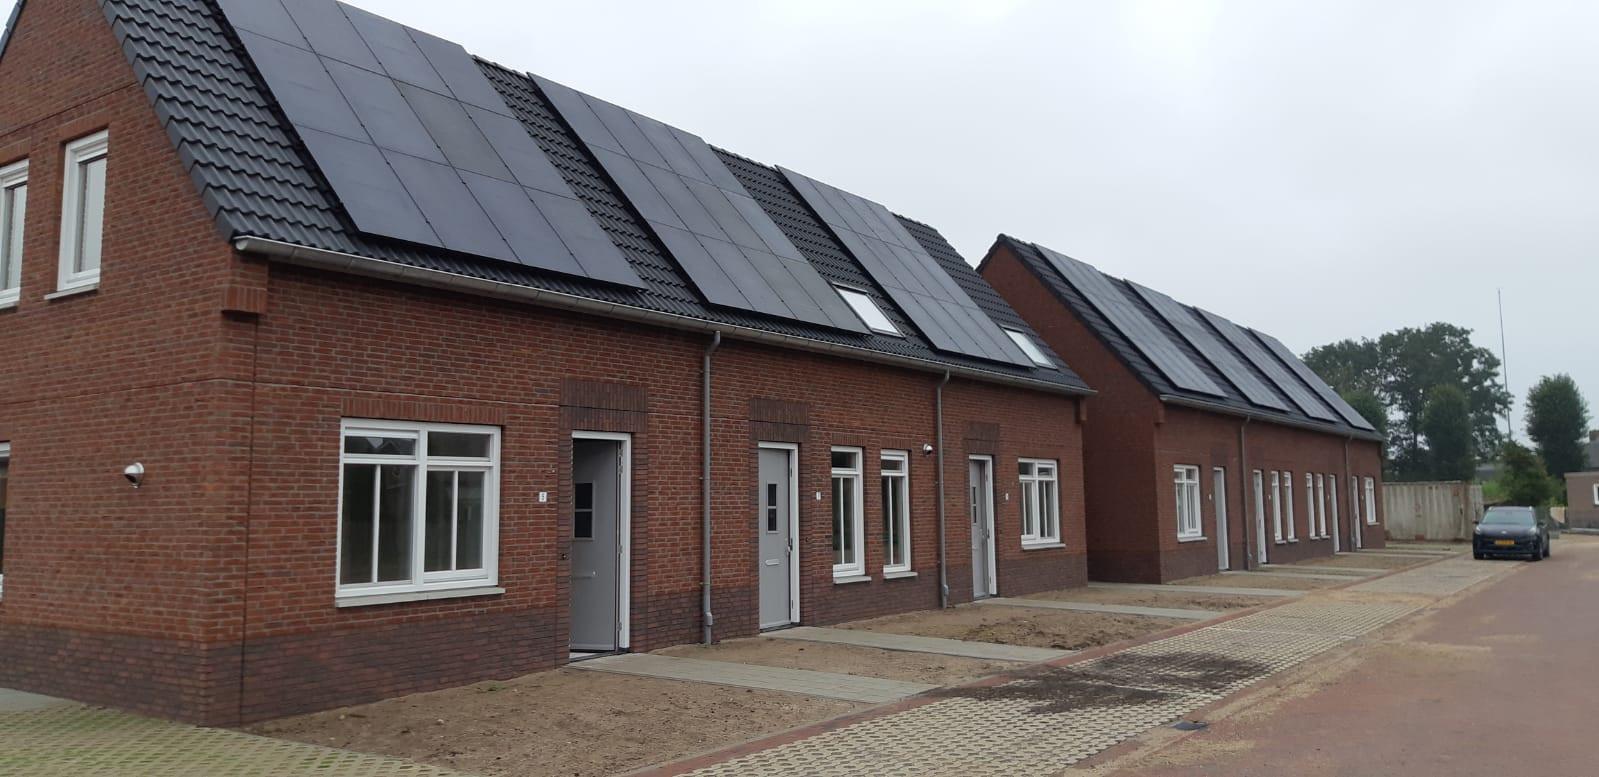 De woningen zijn voorzien van zonnepanelen.